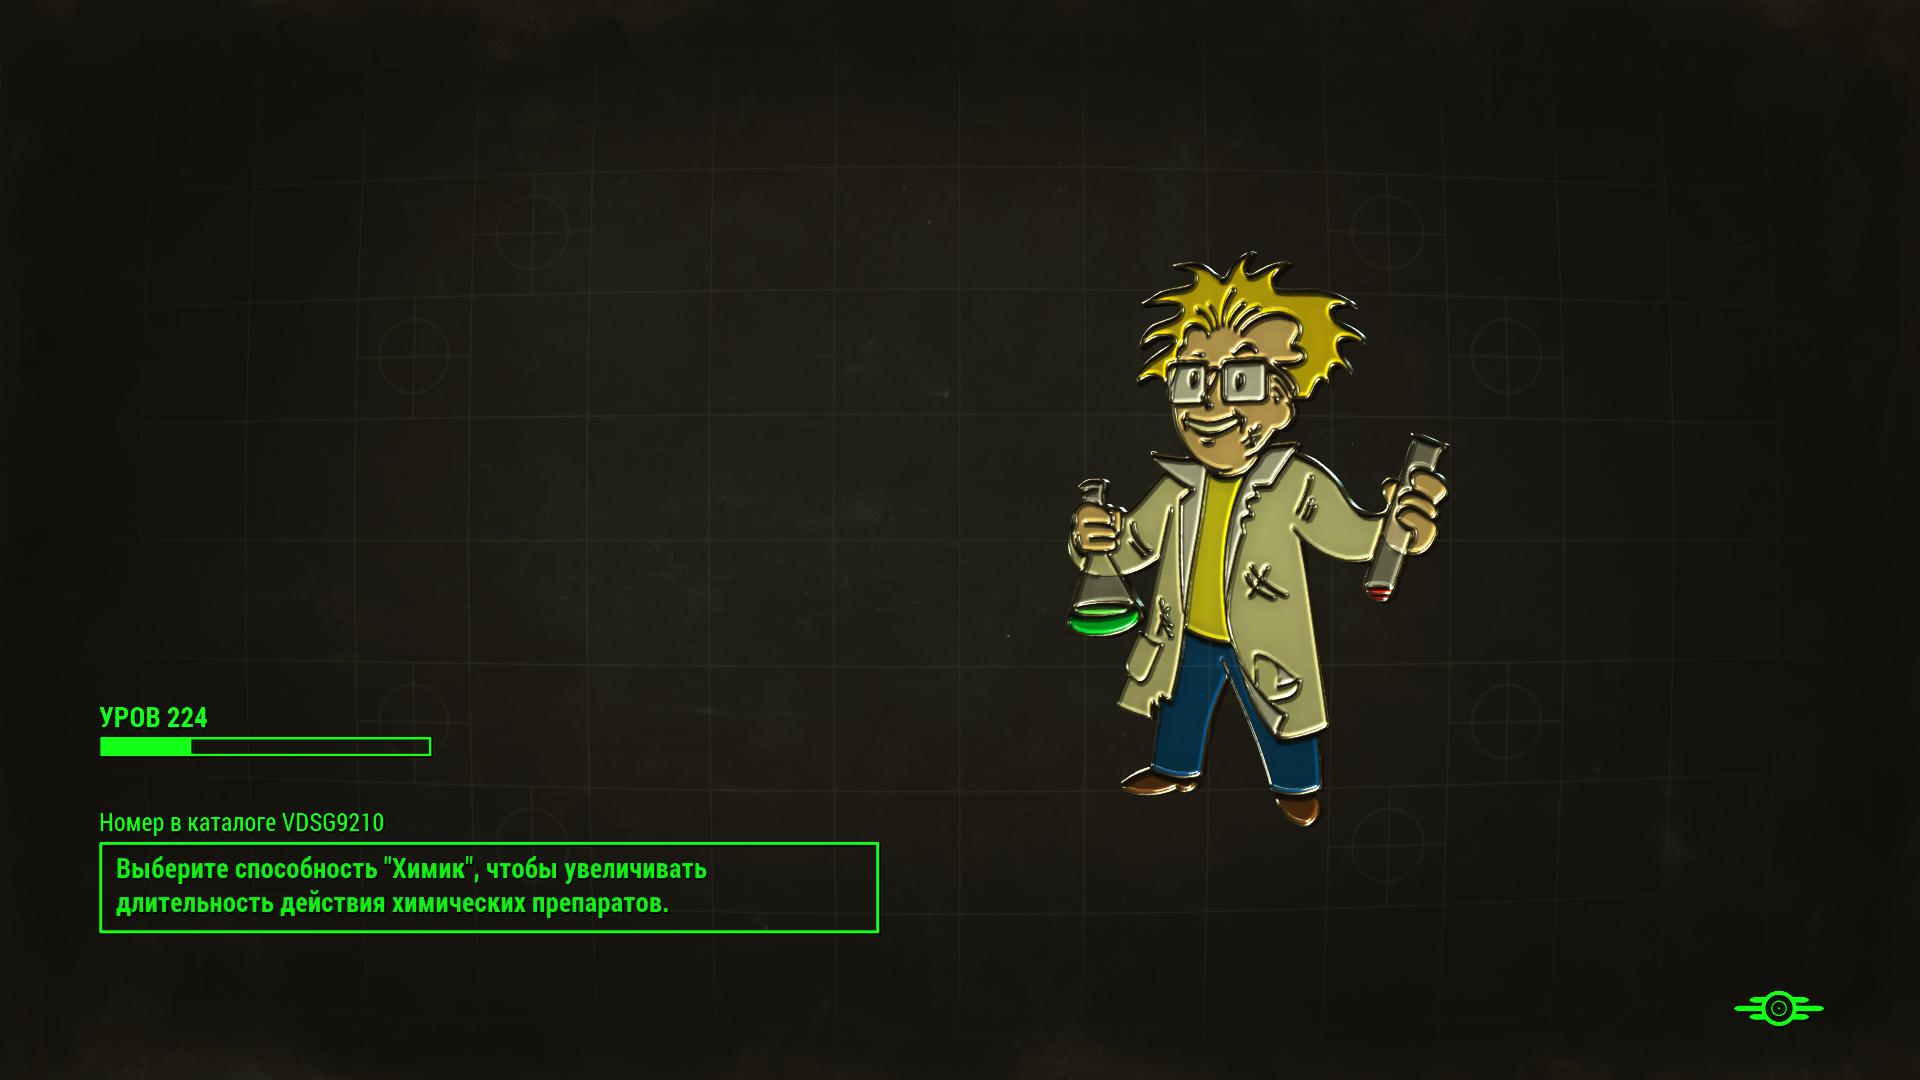 Химик (Fallout 4)